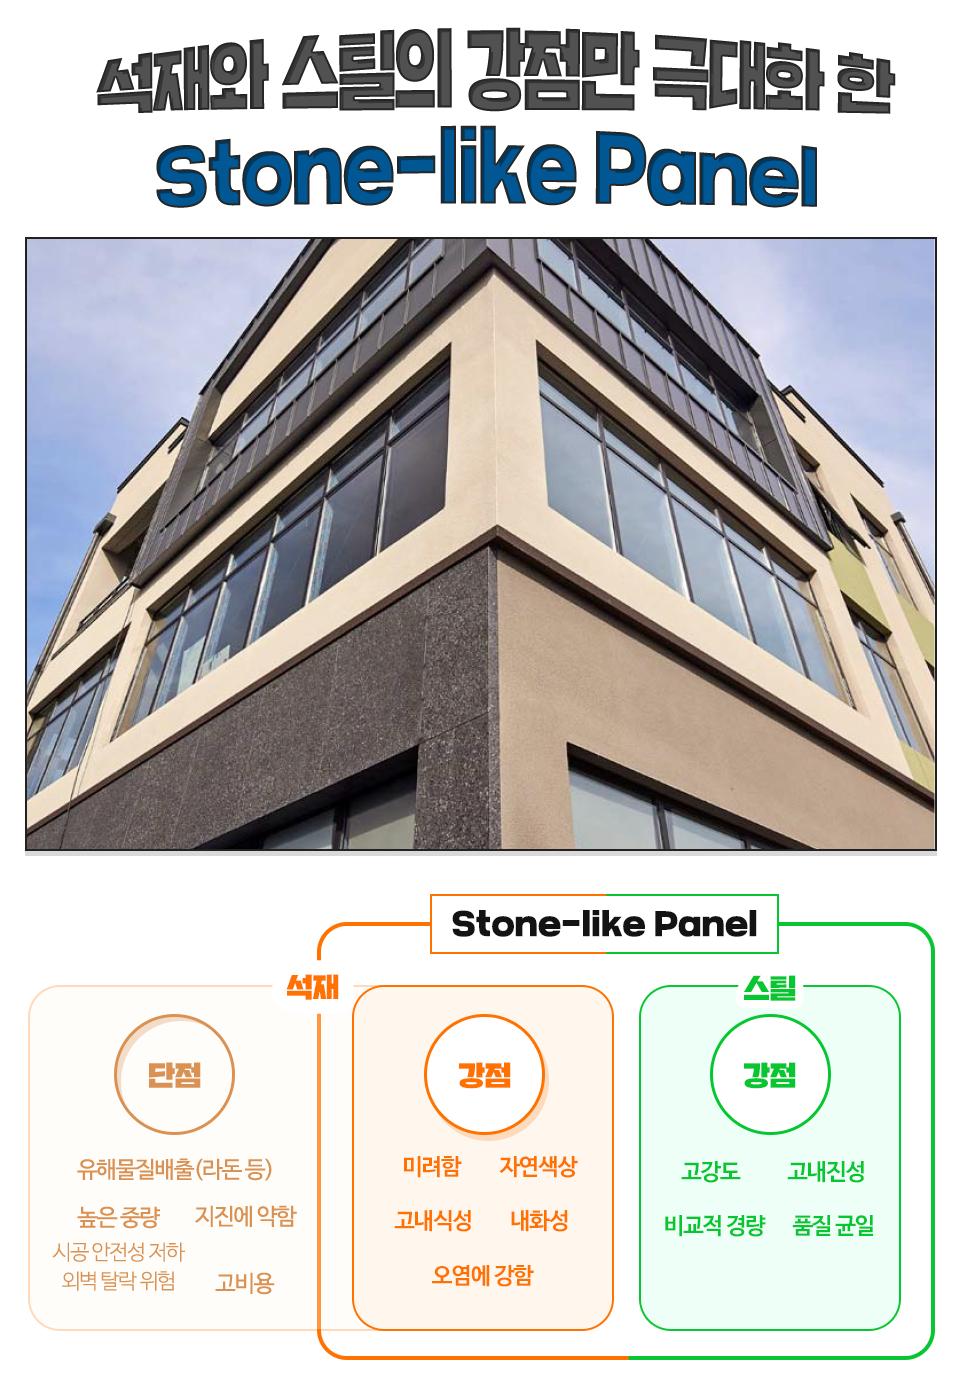 석재와 스틸의 강점만 극대화 한 stone-like Panel 하단에는 stone-like Panel이 적용된 건물의 외벽모습 석재의 단점 유해물질배출(라돈 등), 높은 중량(시공 안전성 저하, 외벽 탈락 위험), 지진에 약함, 고비용을 개선하고 석재의 강점 미려함, 자연색상, 고내식성, 내화성, 오염에 강함과 스틸의 장점 고강도, 고내진성, 비교적 경량, 품질 균일을 갖는 Stone-like Panel